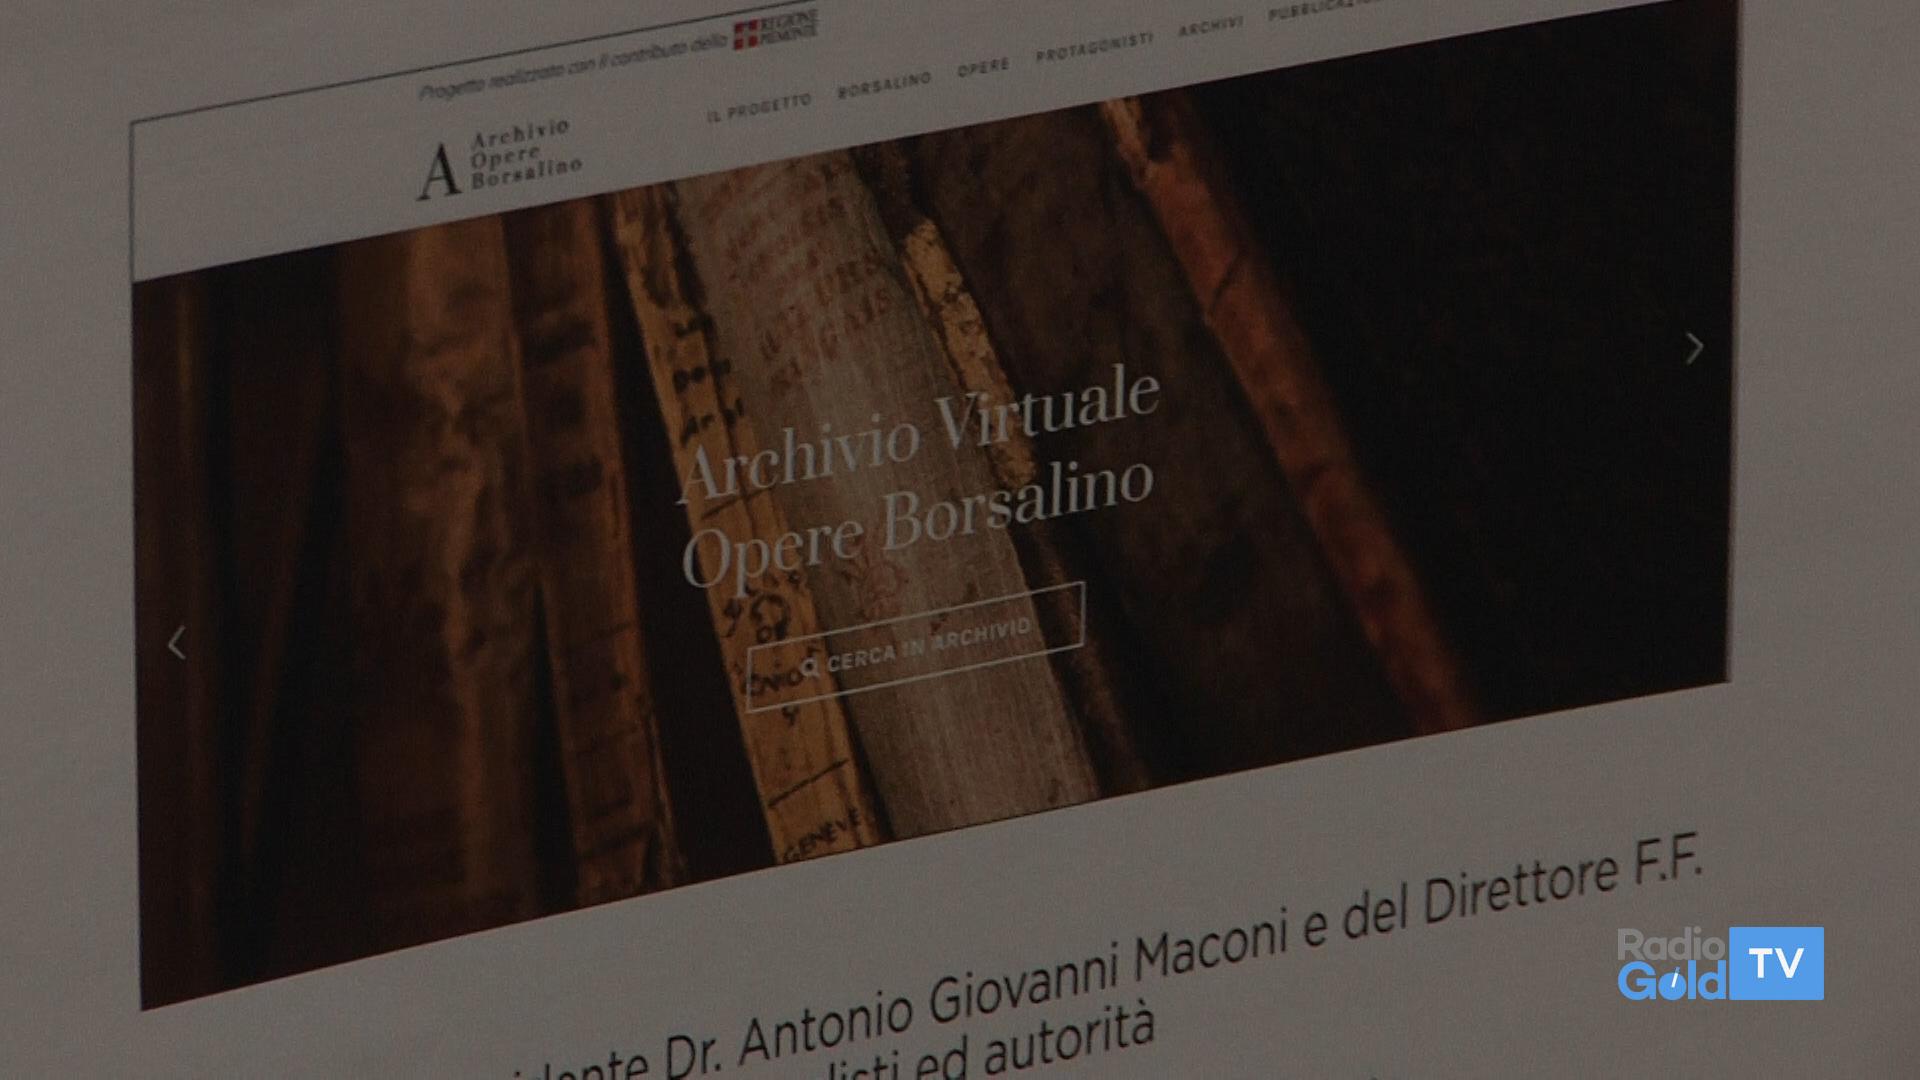 La famiglia Borsalino e Alessandria  tutta la storia a portata di click 78ff4326459b